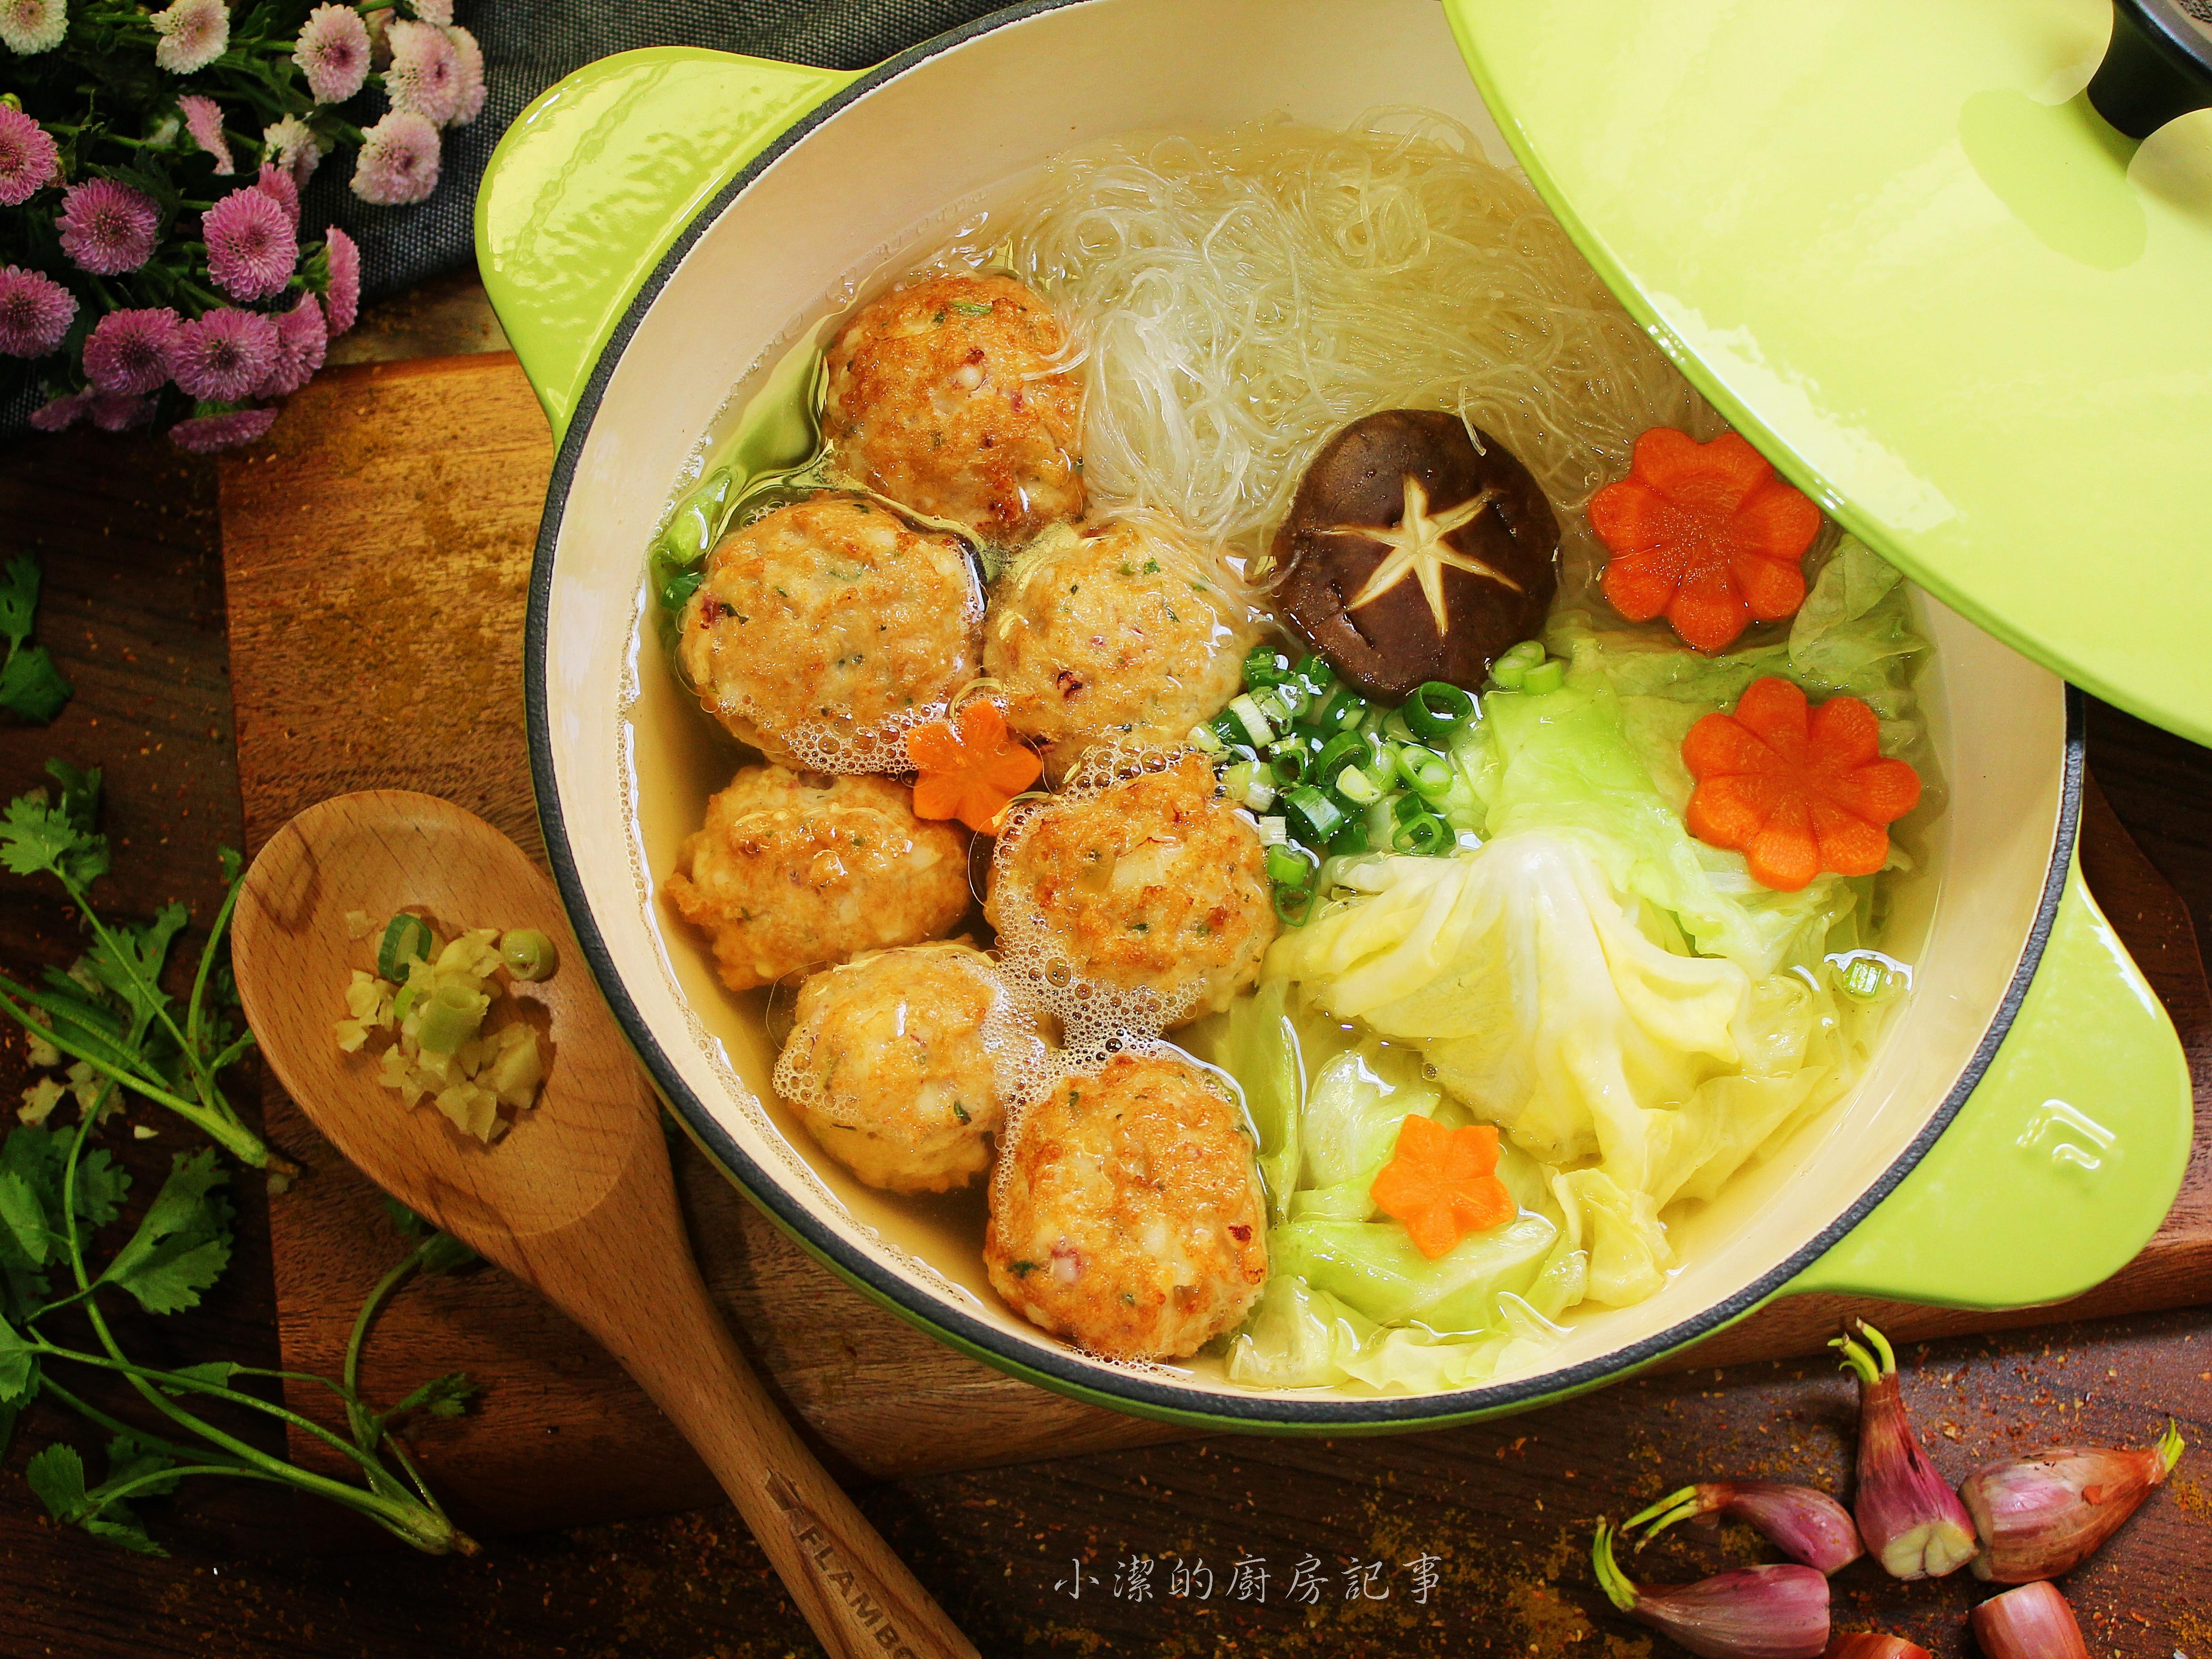 雞肉丸子粉絲鍋